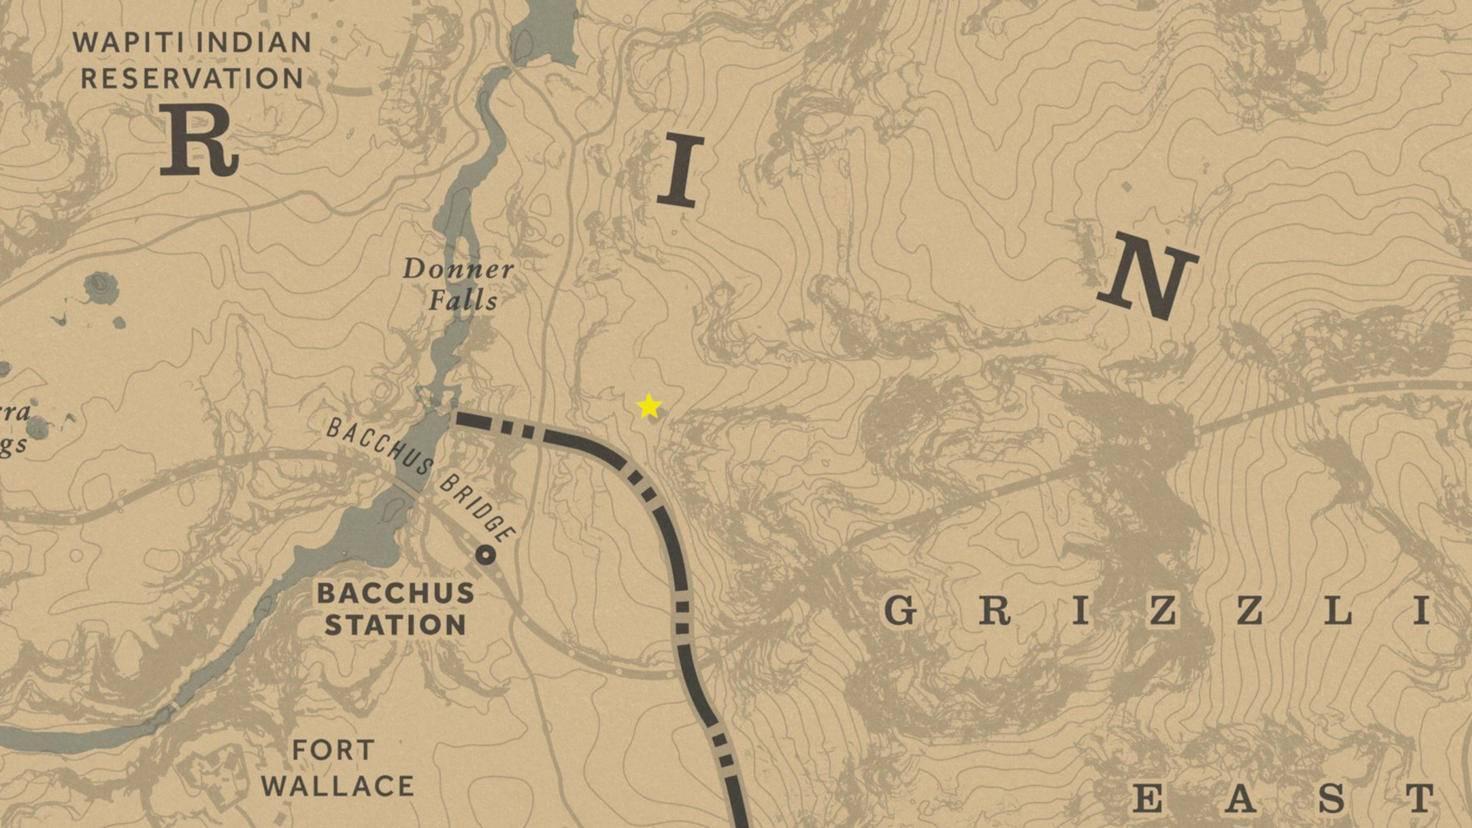 Das Hobbit-Haus befindet sich nordöstlich der Bacchus Station.